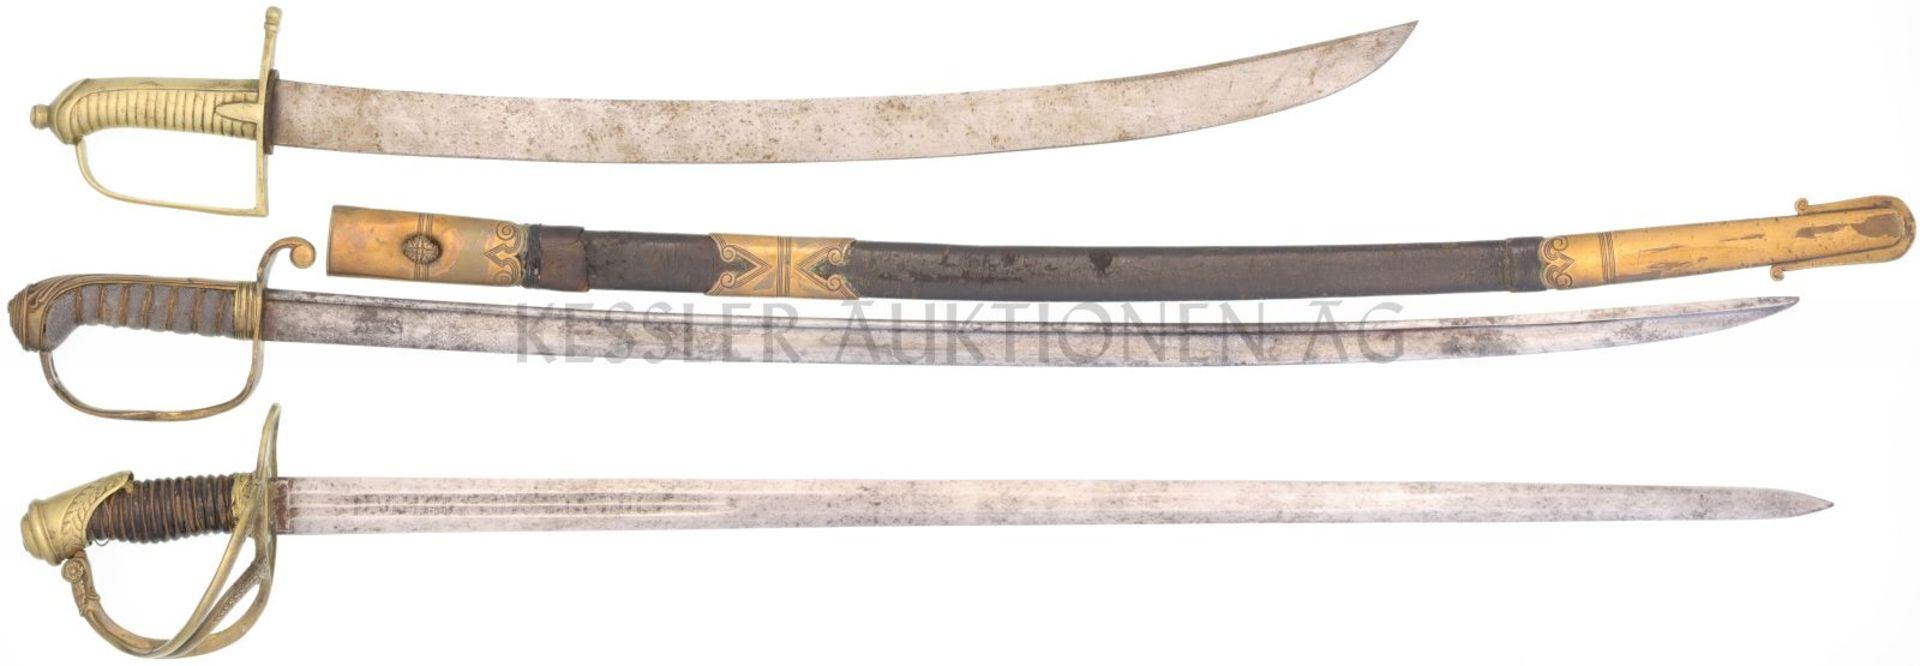 Konvolut von 3 Säbeln 1. England 1830 Marineoffizier, KL 820mm, TL 960mm, Stechrückenklinge